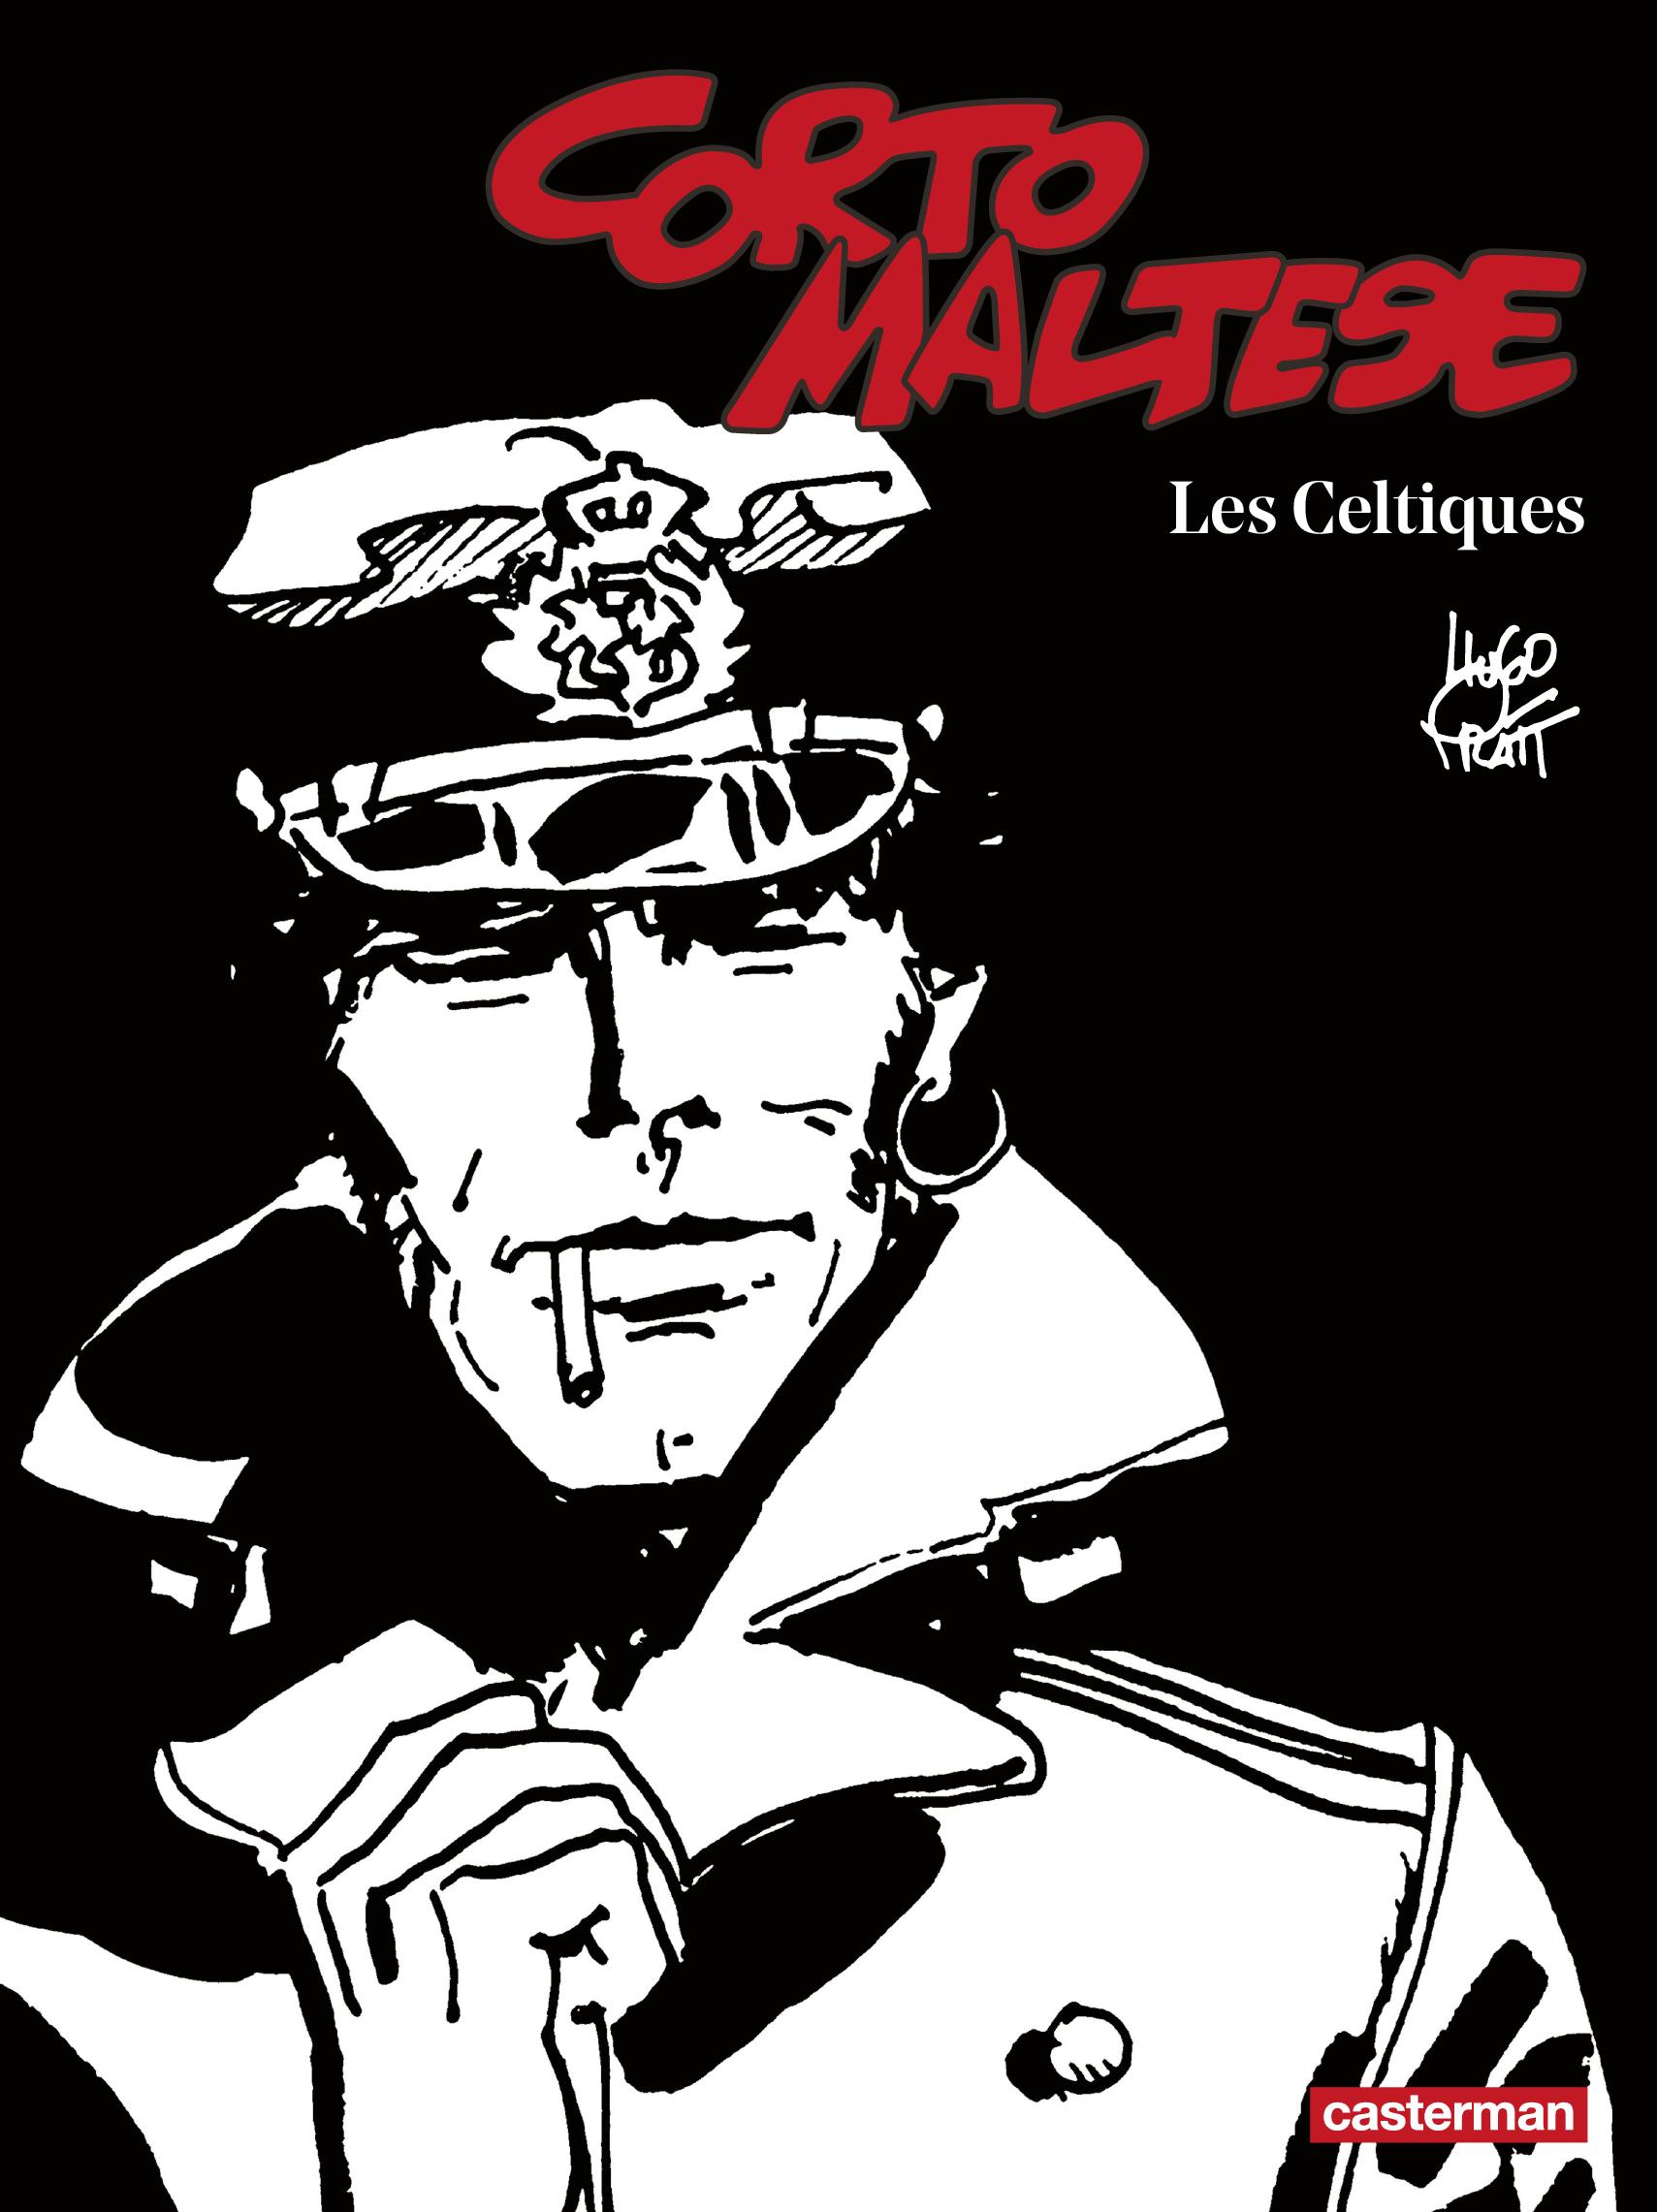 Corto Maltese (Tome 4) - Les Celtiques (édition enrichie noir et blanc)